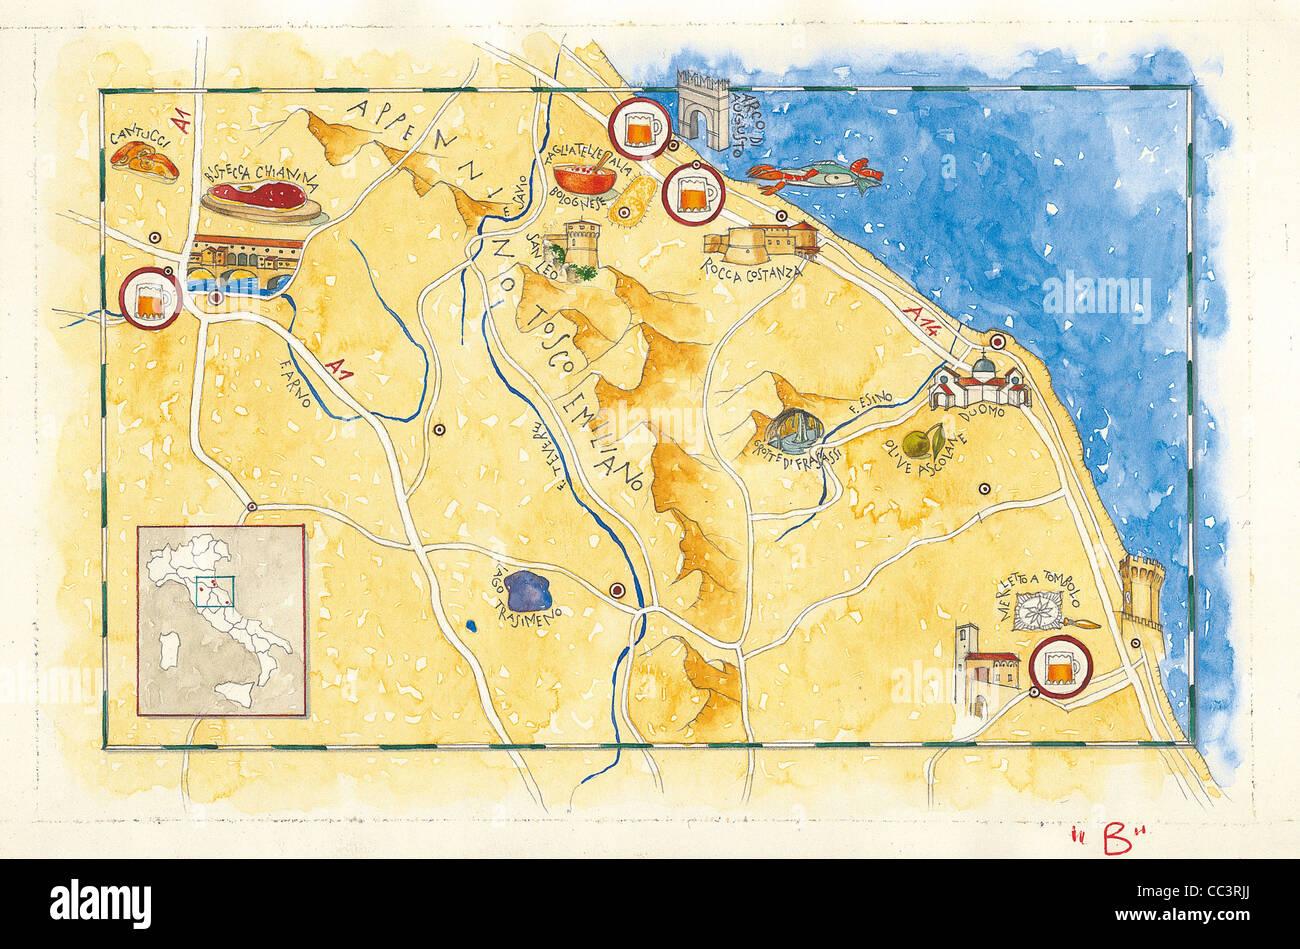 Cartina Umbria toscana Marche